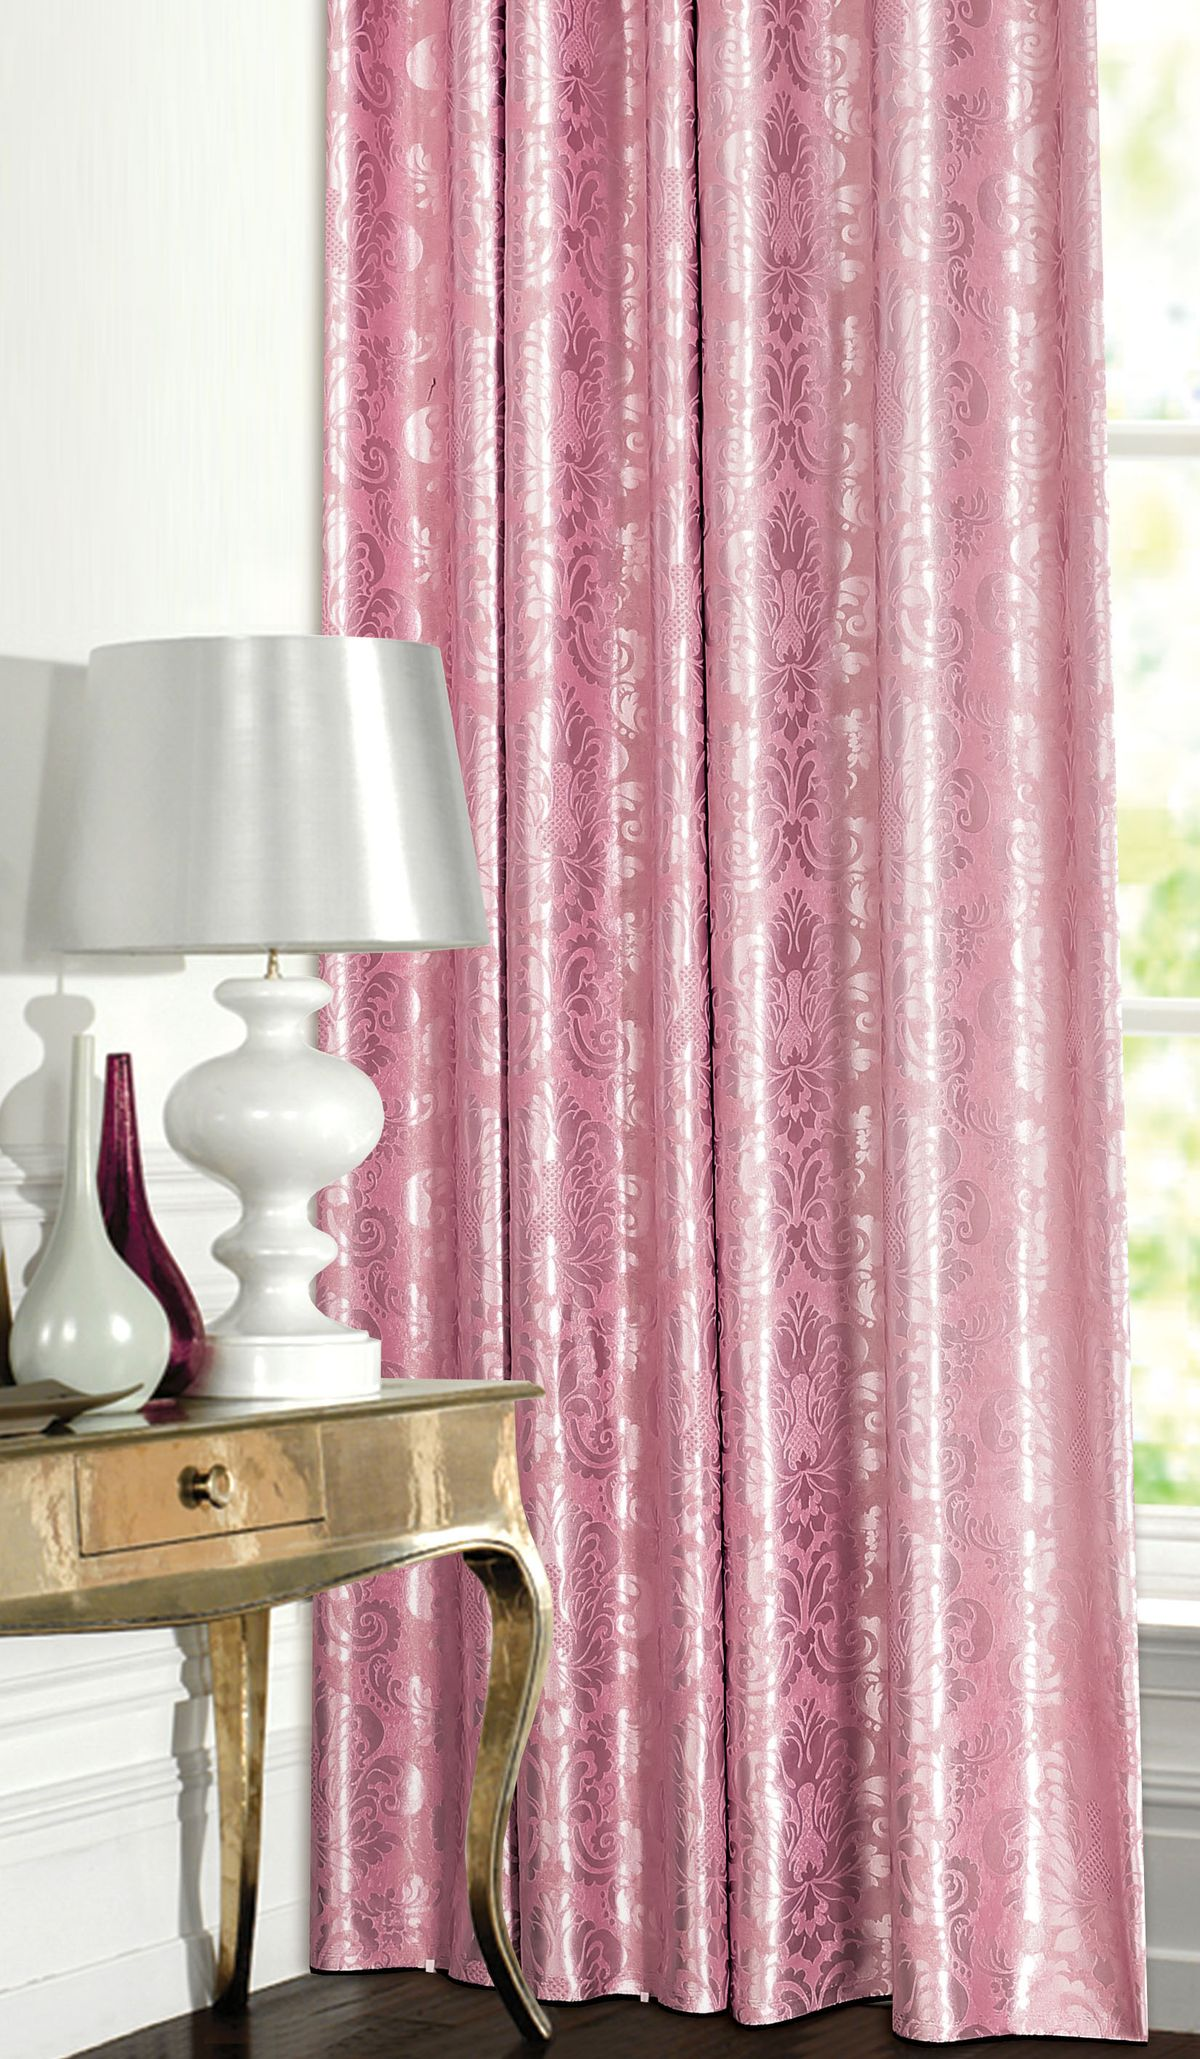 Штора Garden, на ленте, цвет: розовый, высота 260 см. С 537392 V8